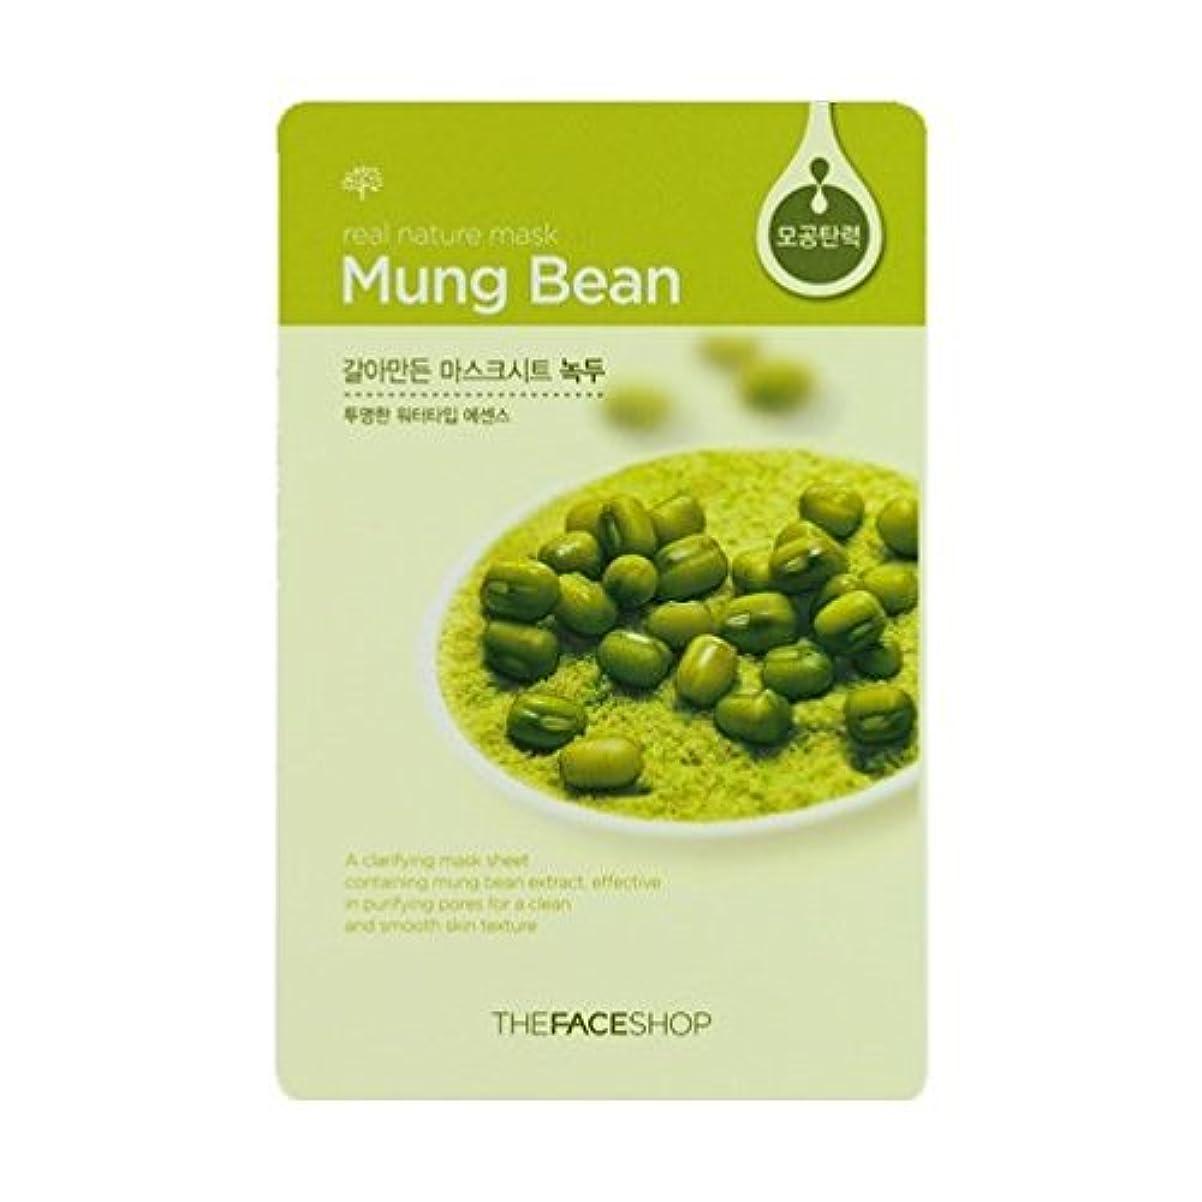 そして作曲する刑務所[ザフェイスショップ] THE FACE SHOP [リアルナチュラル マスクシート] (Real Nature Mask Sheet) (Mask Sheet Mung Bean 30枚) [並行輸入品]